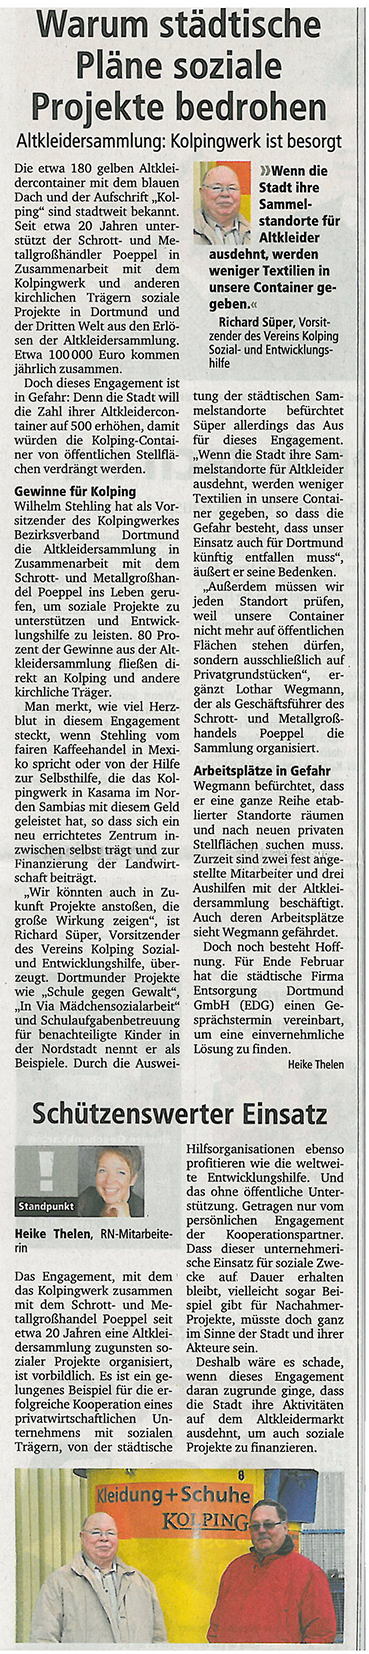 Ruhr-Nachrichten-11-2-2014_kl